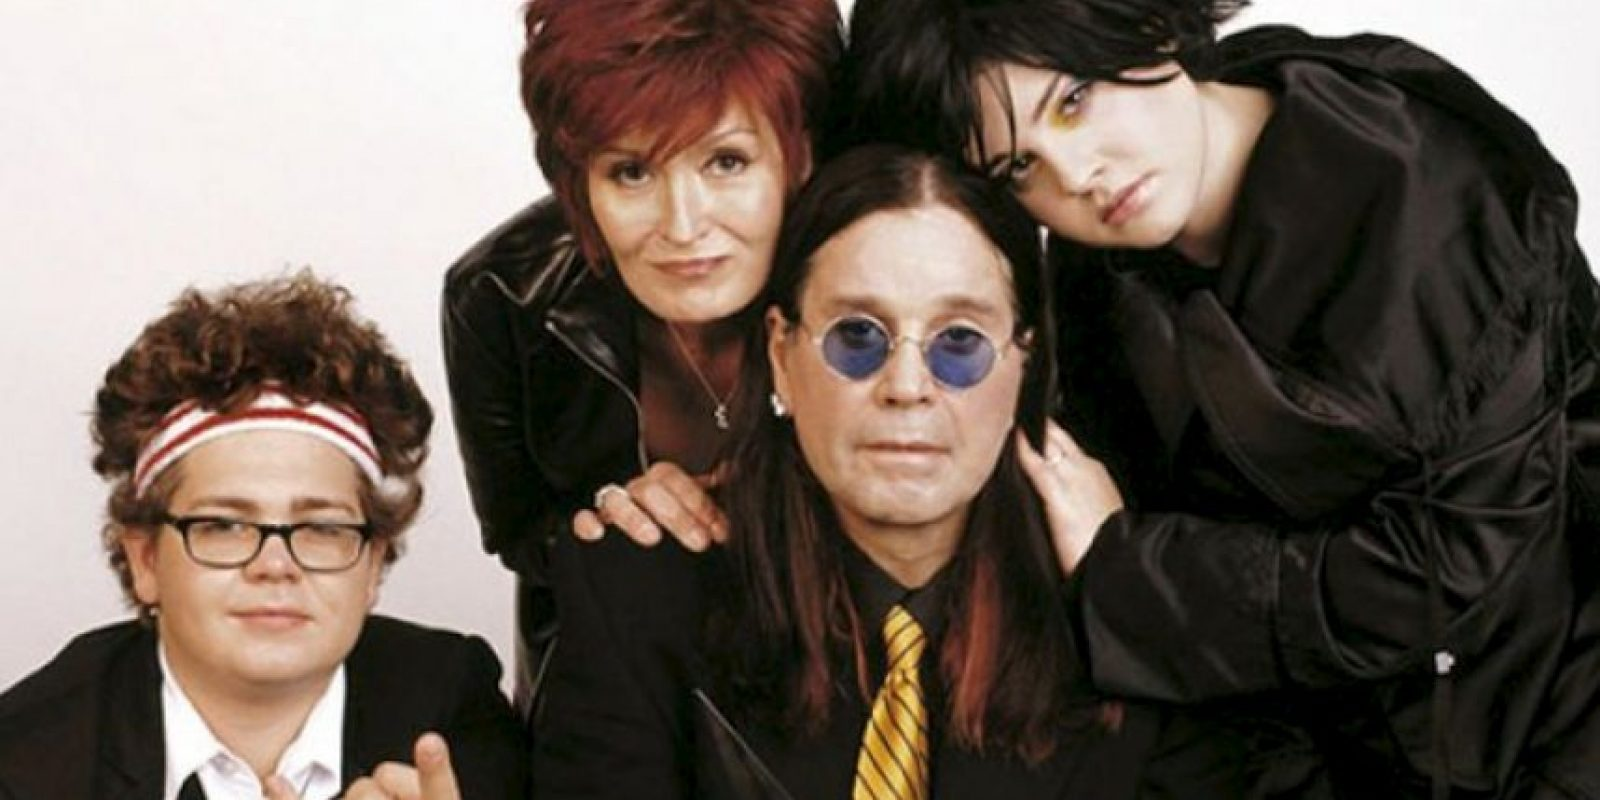 Jack y Kelly eran niños ricos típicos de Hollywood. Hacían locuras, compras, se drogaban… Foto:vía MTV